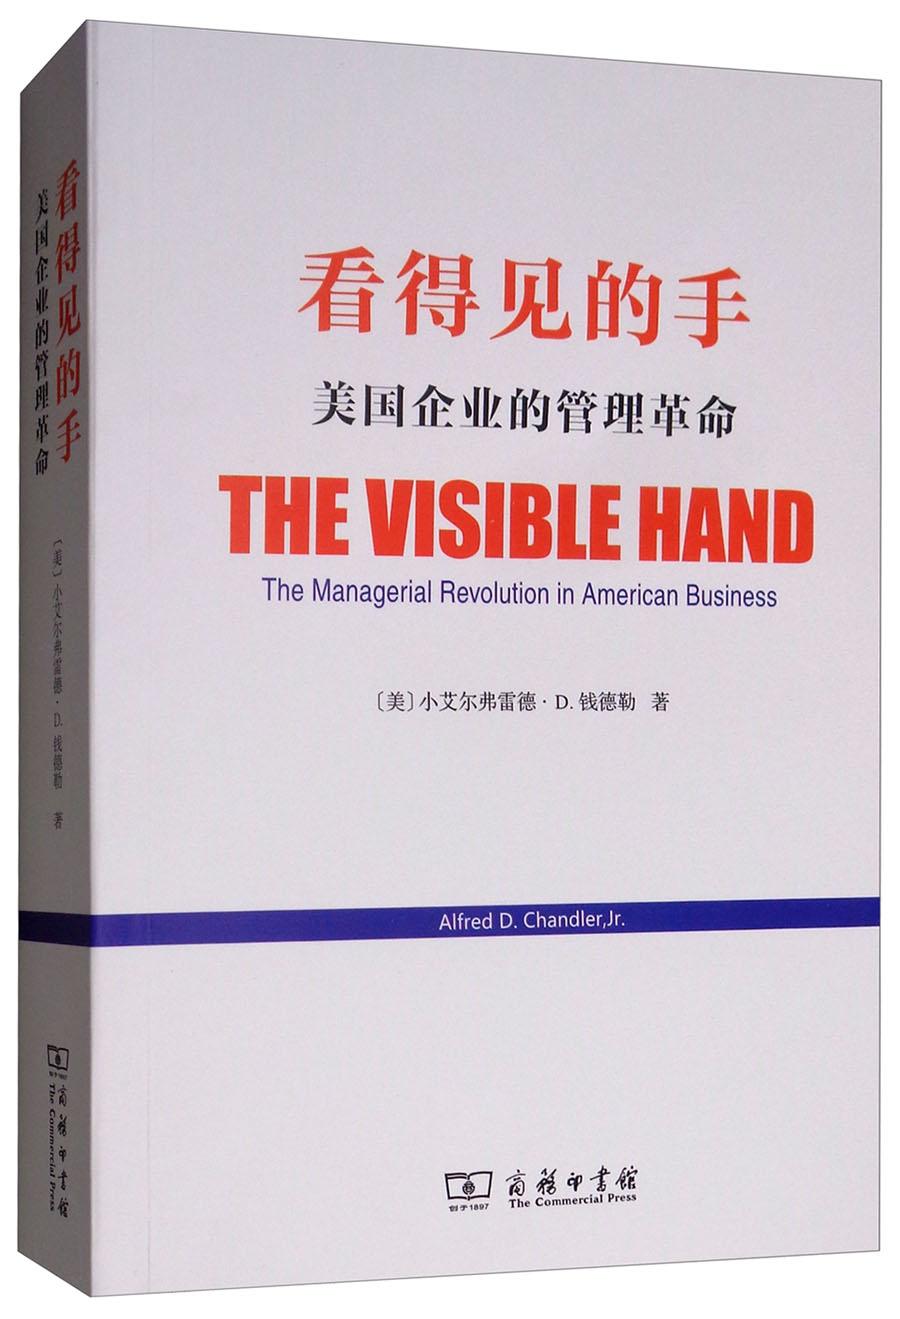 钱德勒《看得见的手:美国企业的管理革命》读书笔记